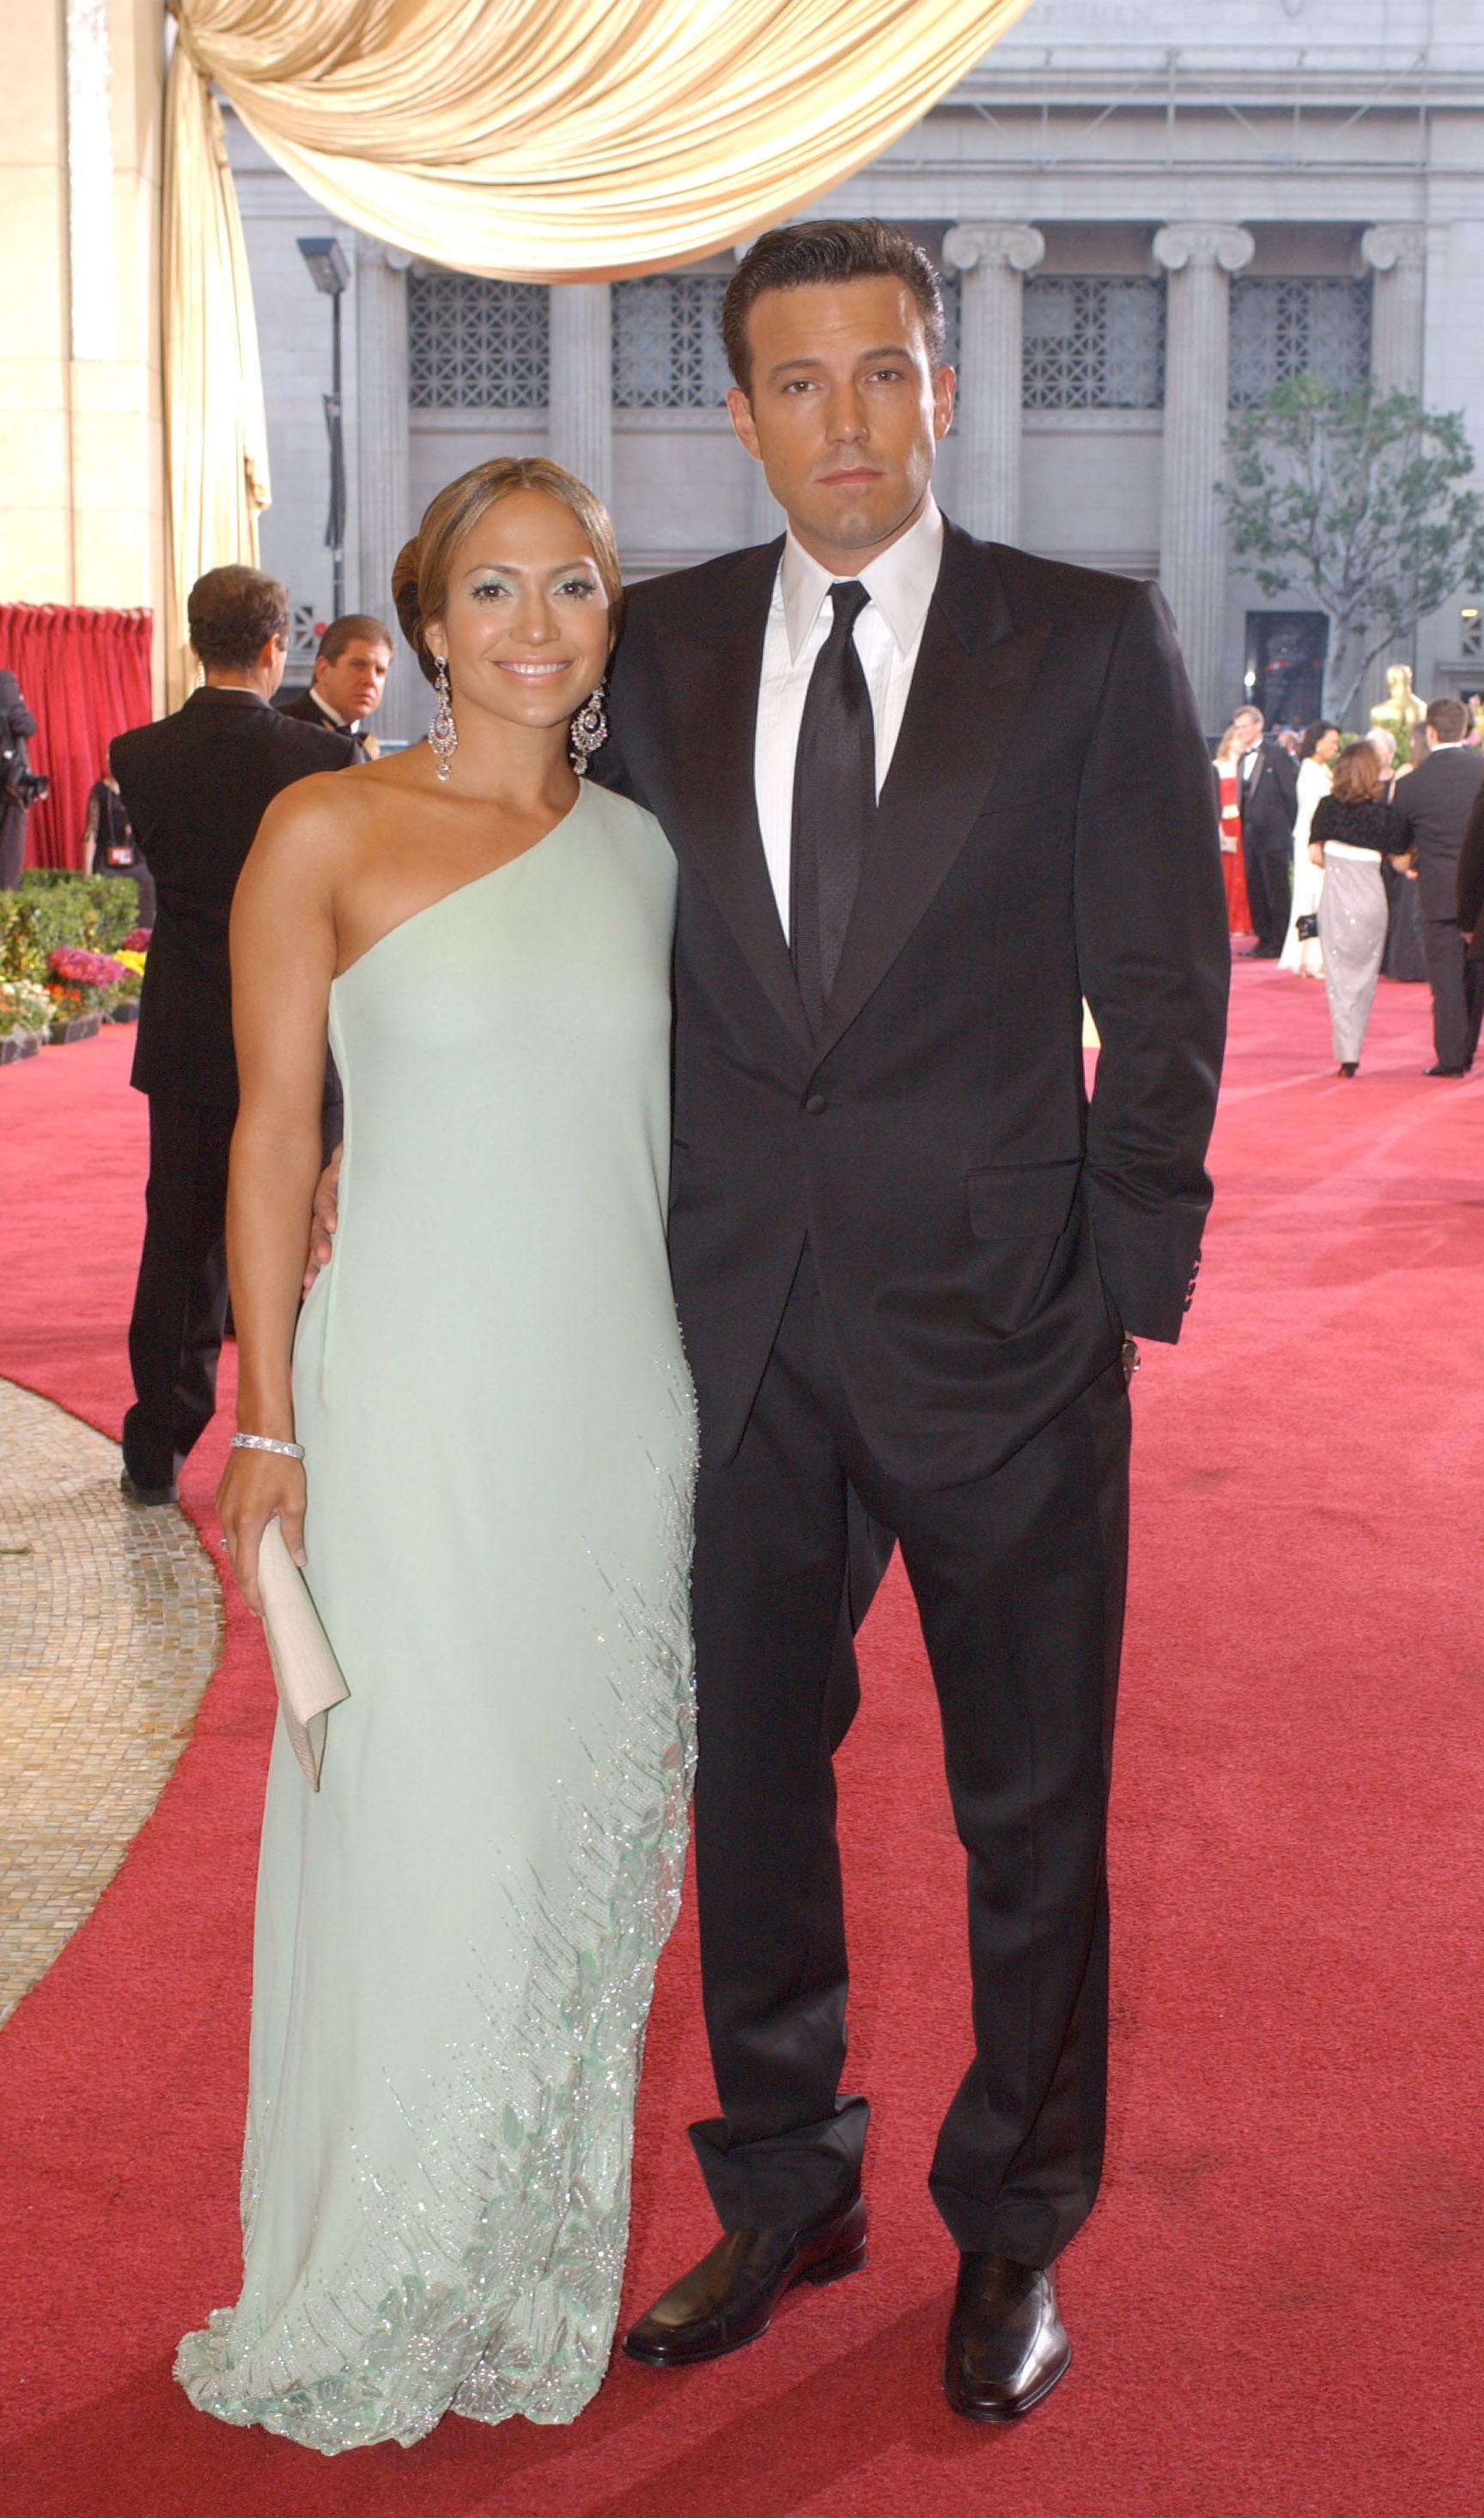 Jennifer Lopez i Ben Affleck - ceremonia wręczenia Oscarów 2003, foto: ONS